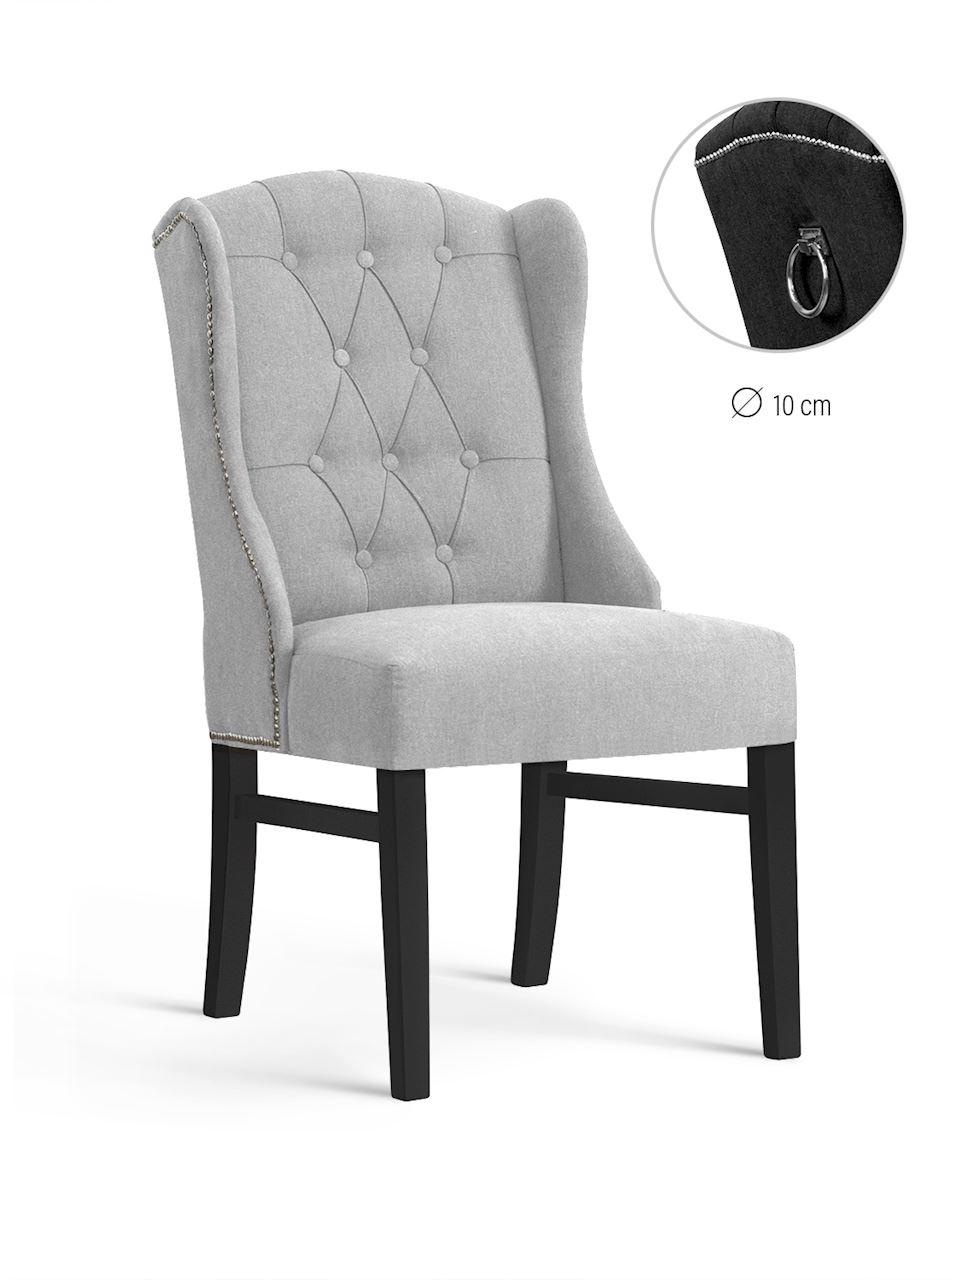 Scaun tapitat cu stofa, cu picioare din lemn Royal Light Grey / Black, l55xA74xH105 cm